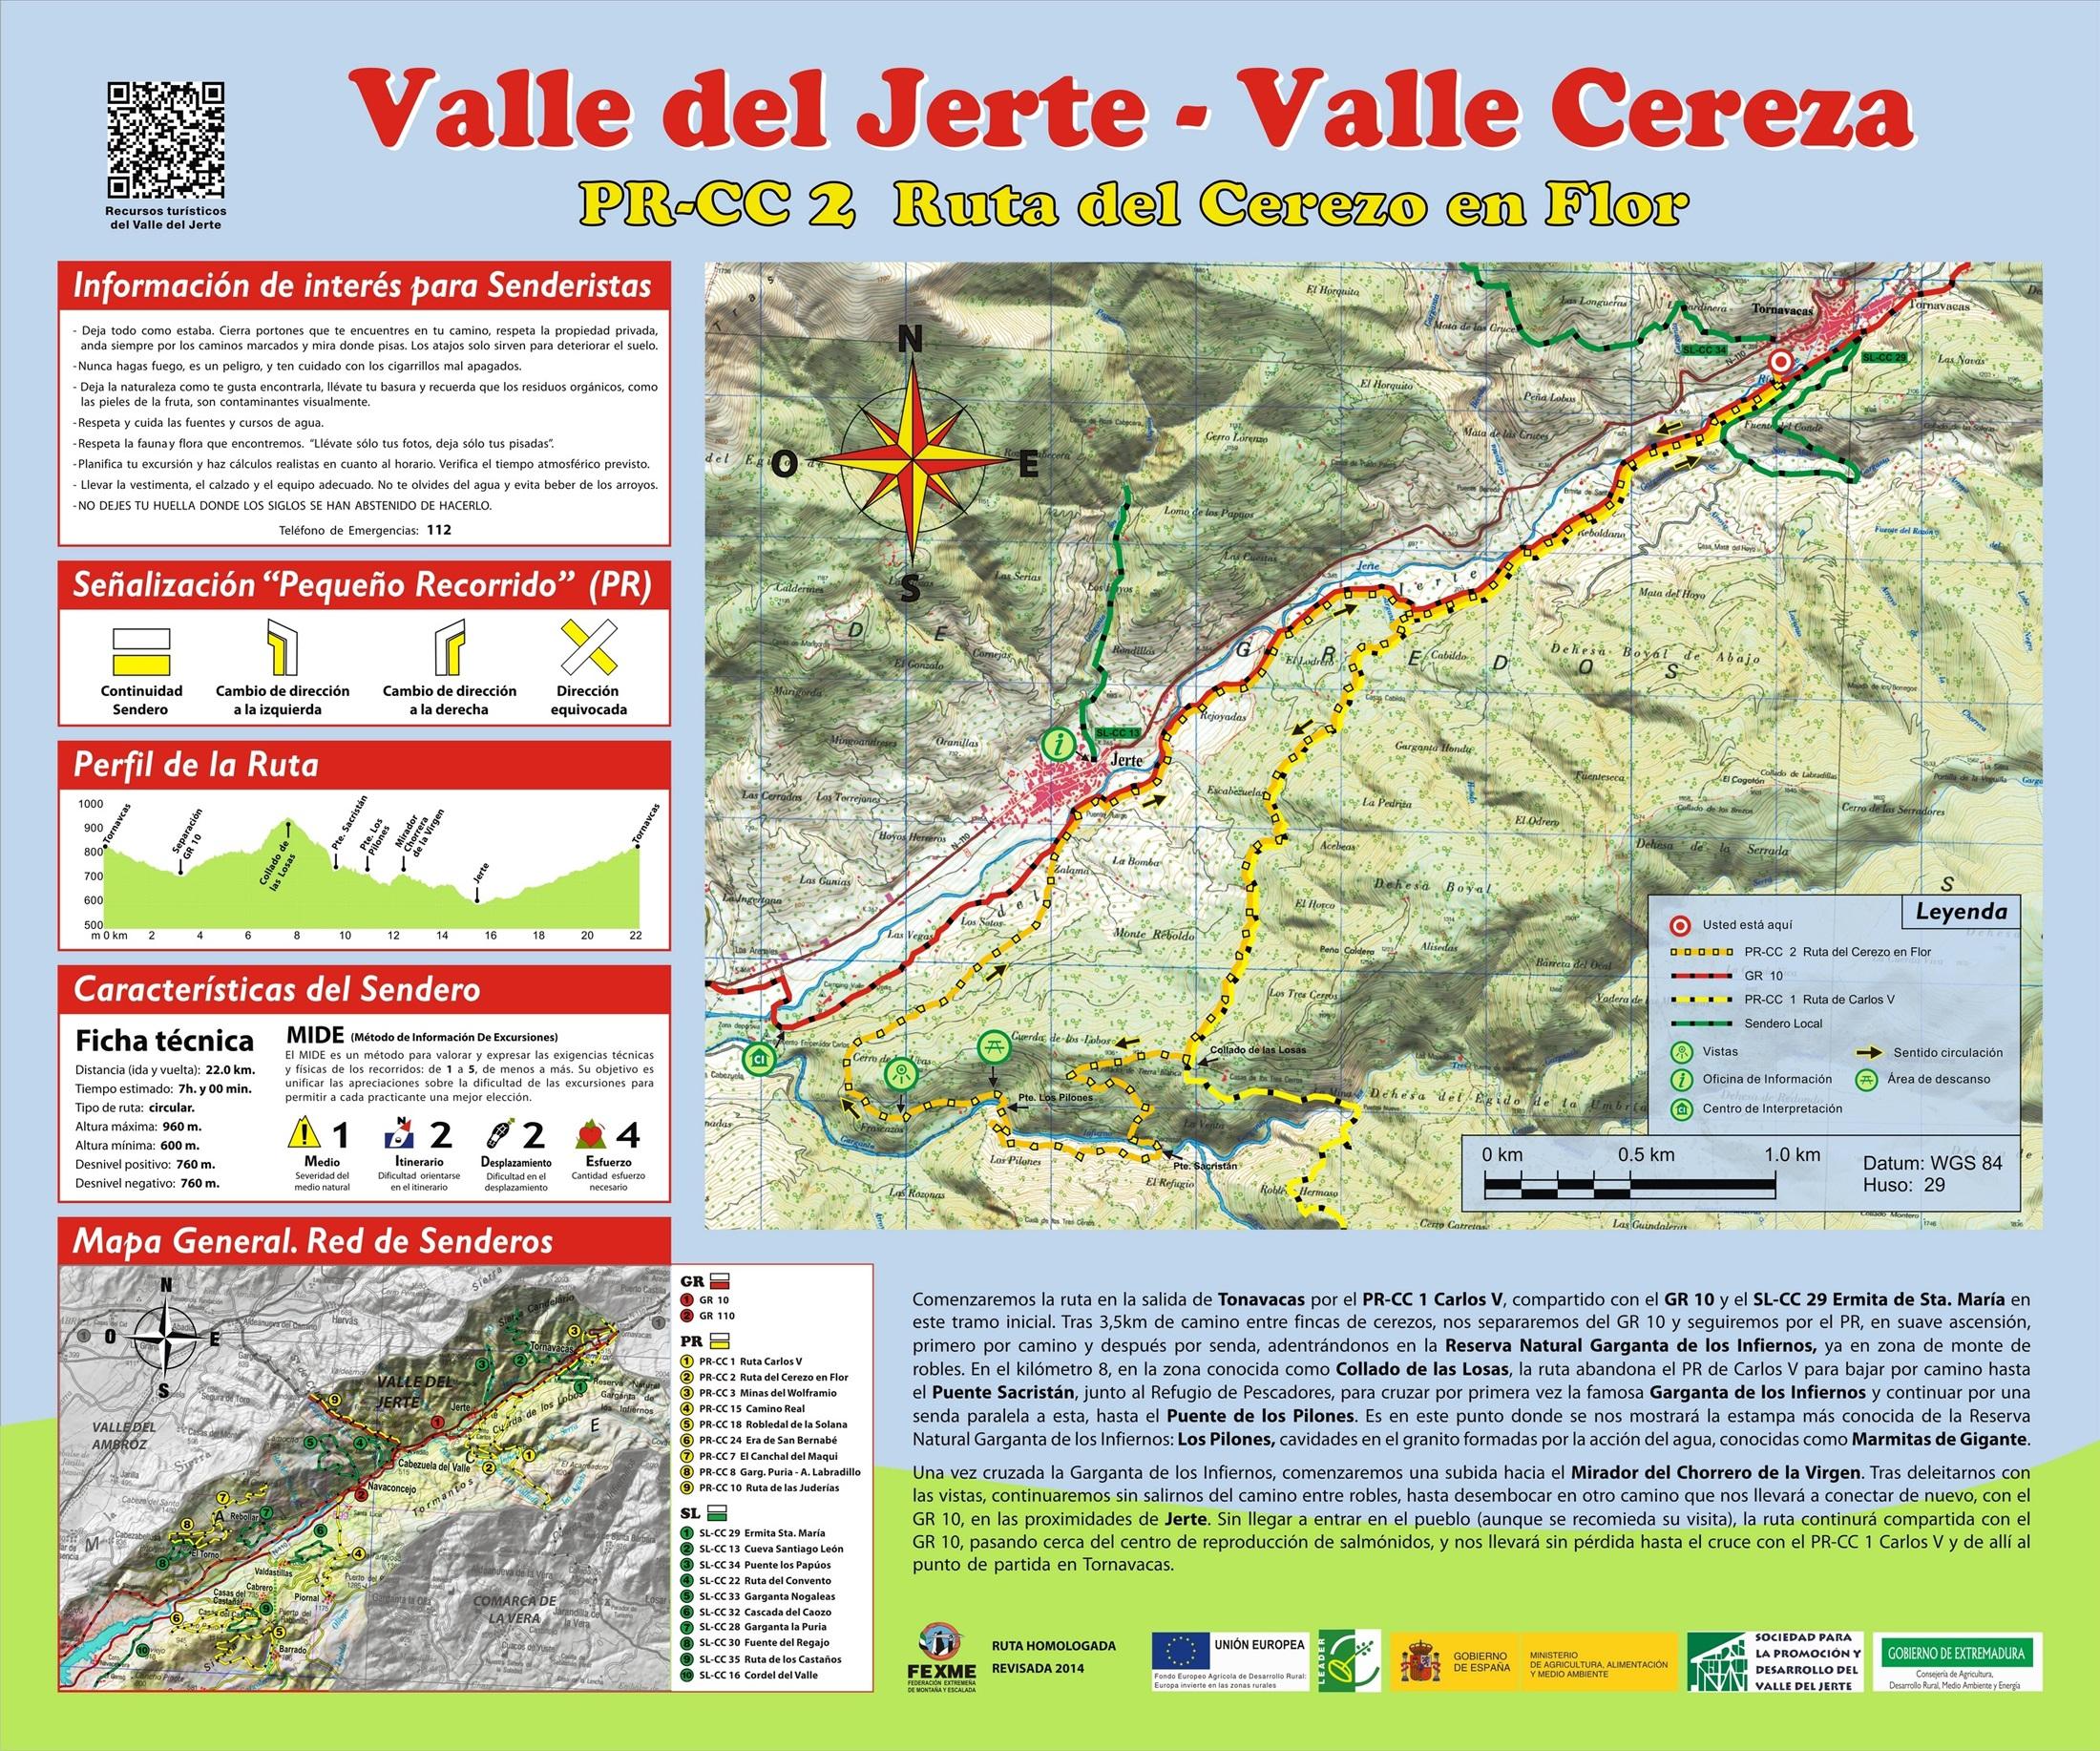 Ruta cerezo en flor senderismo en el valle del jerte for Oficina de turismo valle del jerte